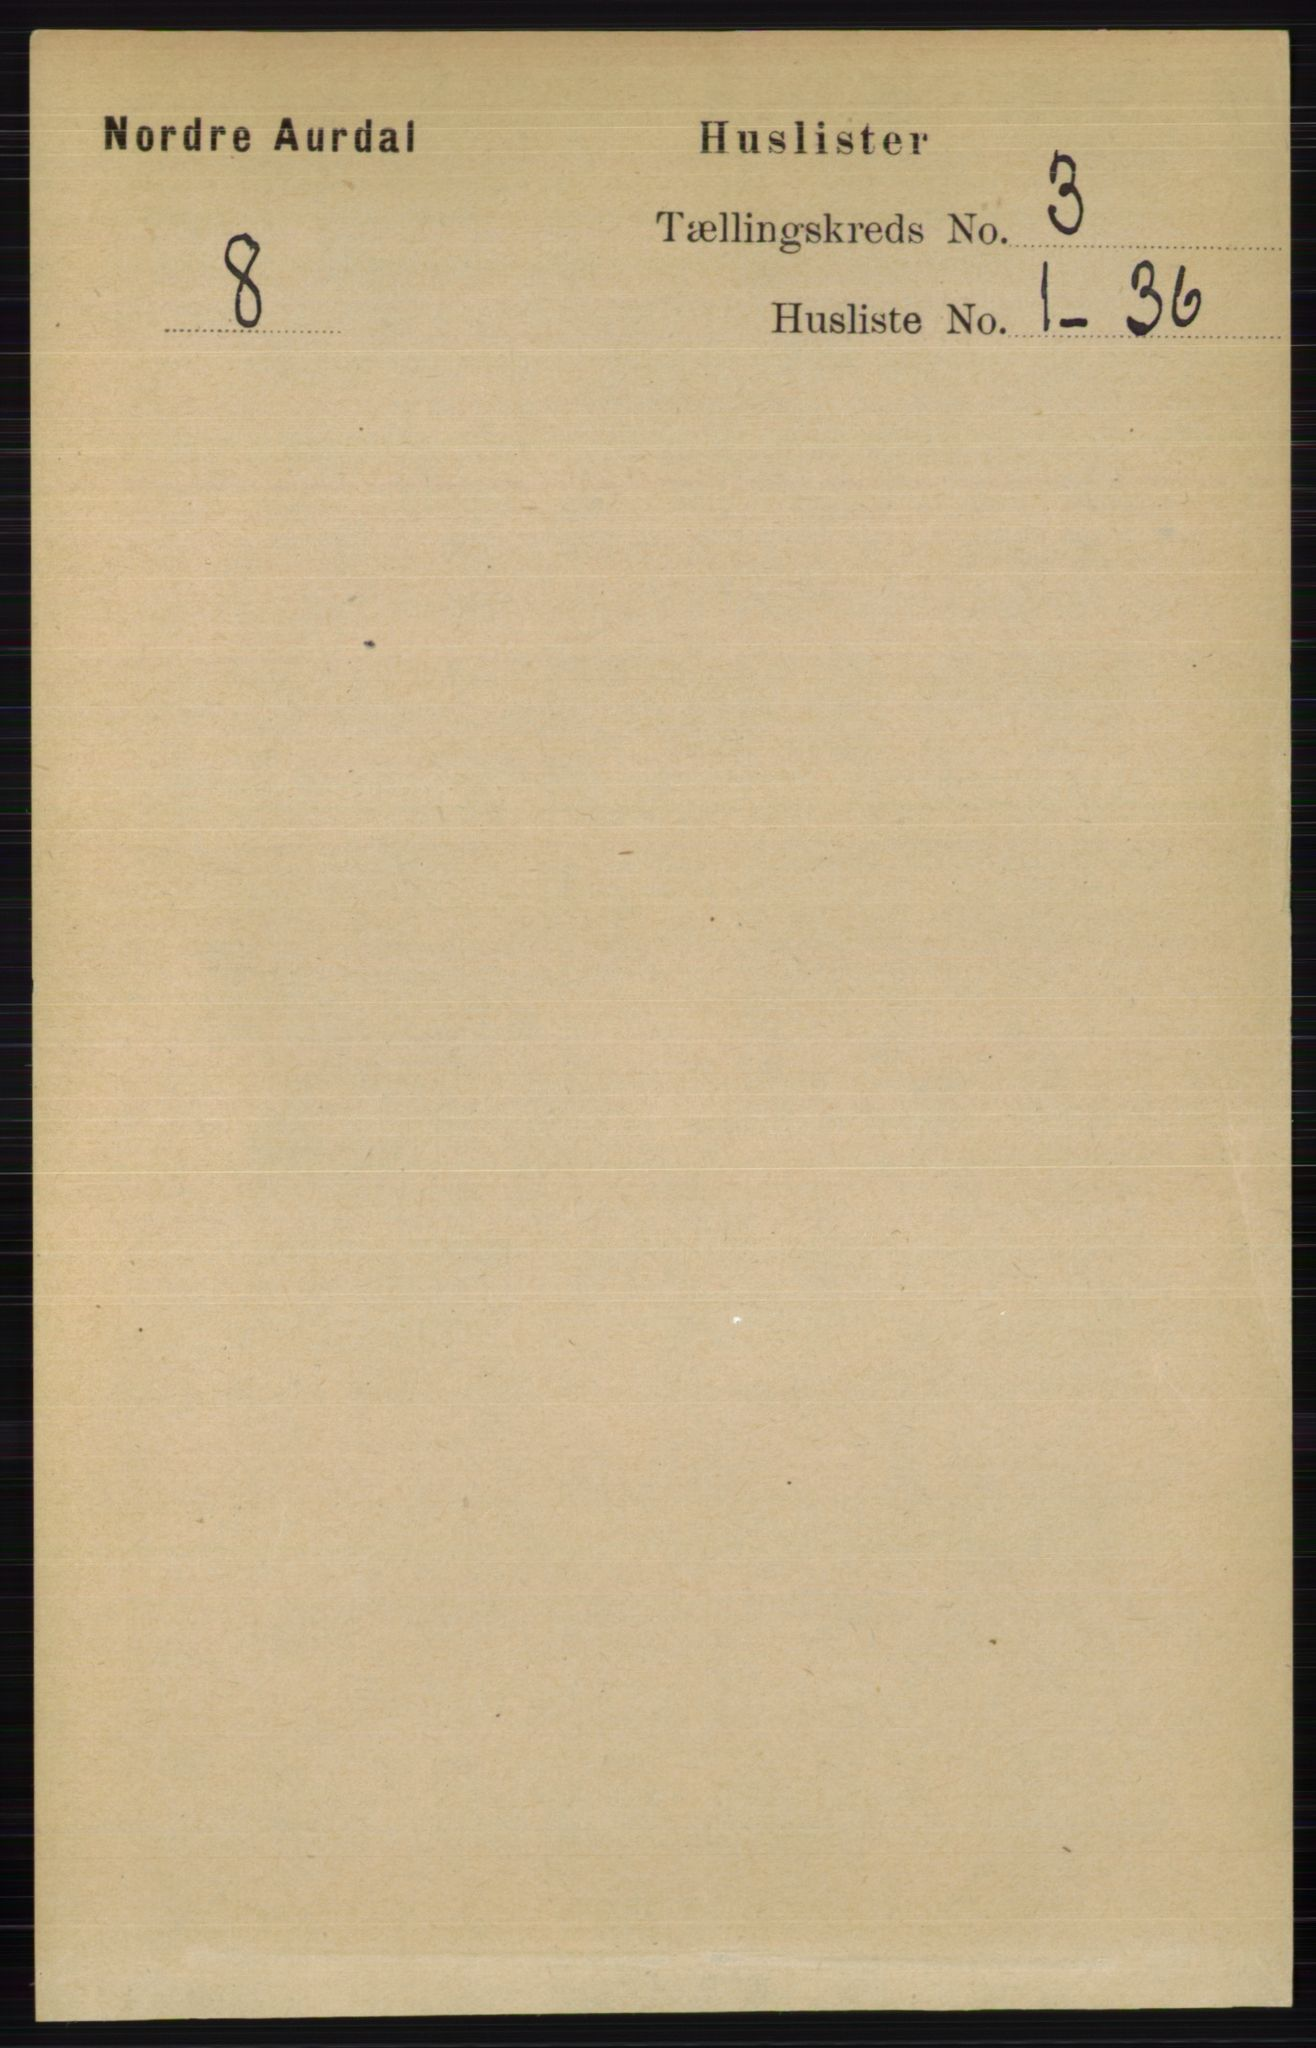 RA, Folketelling 1891 for 0542 Nord-Aurdal herred, 1891, s. 914